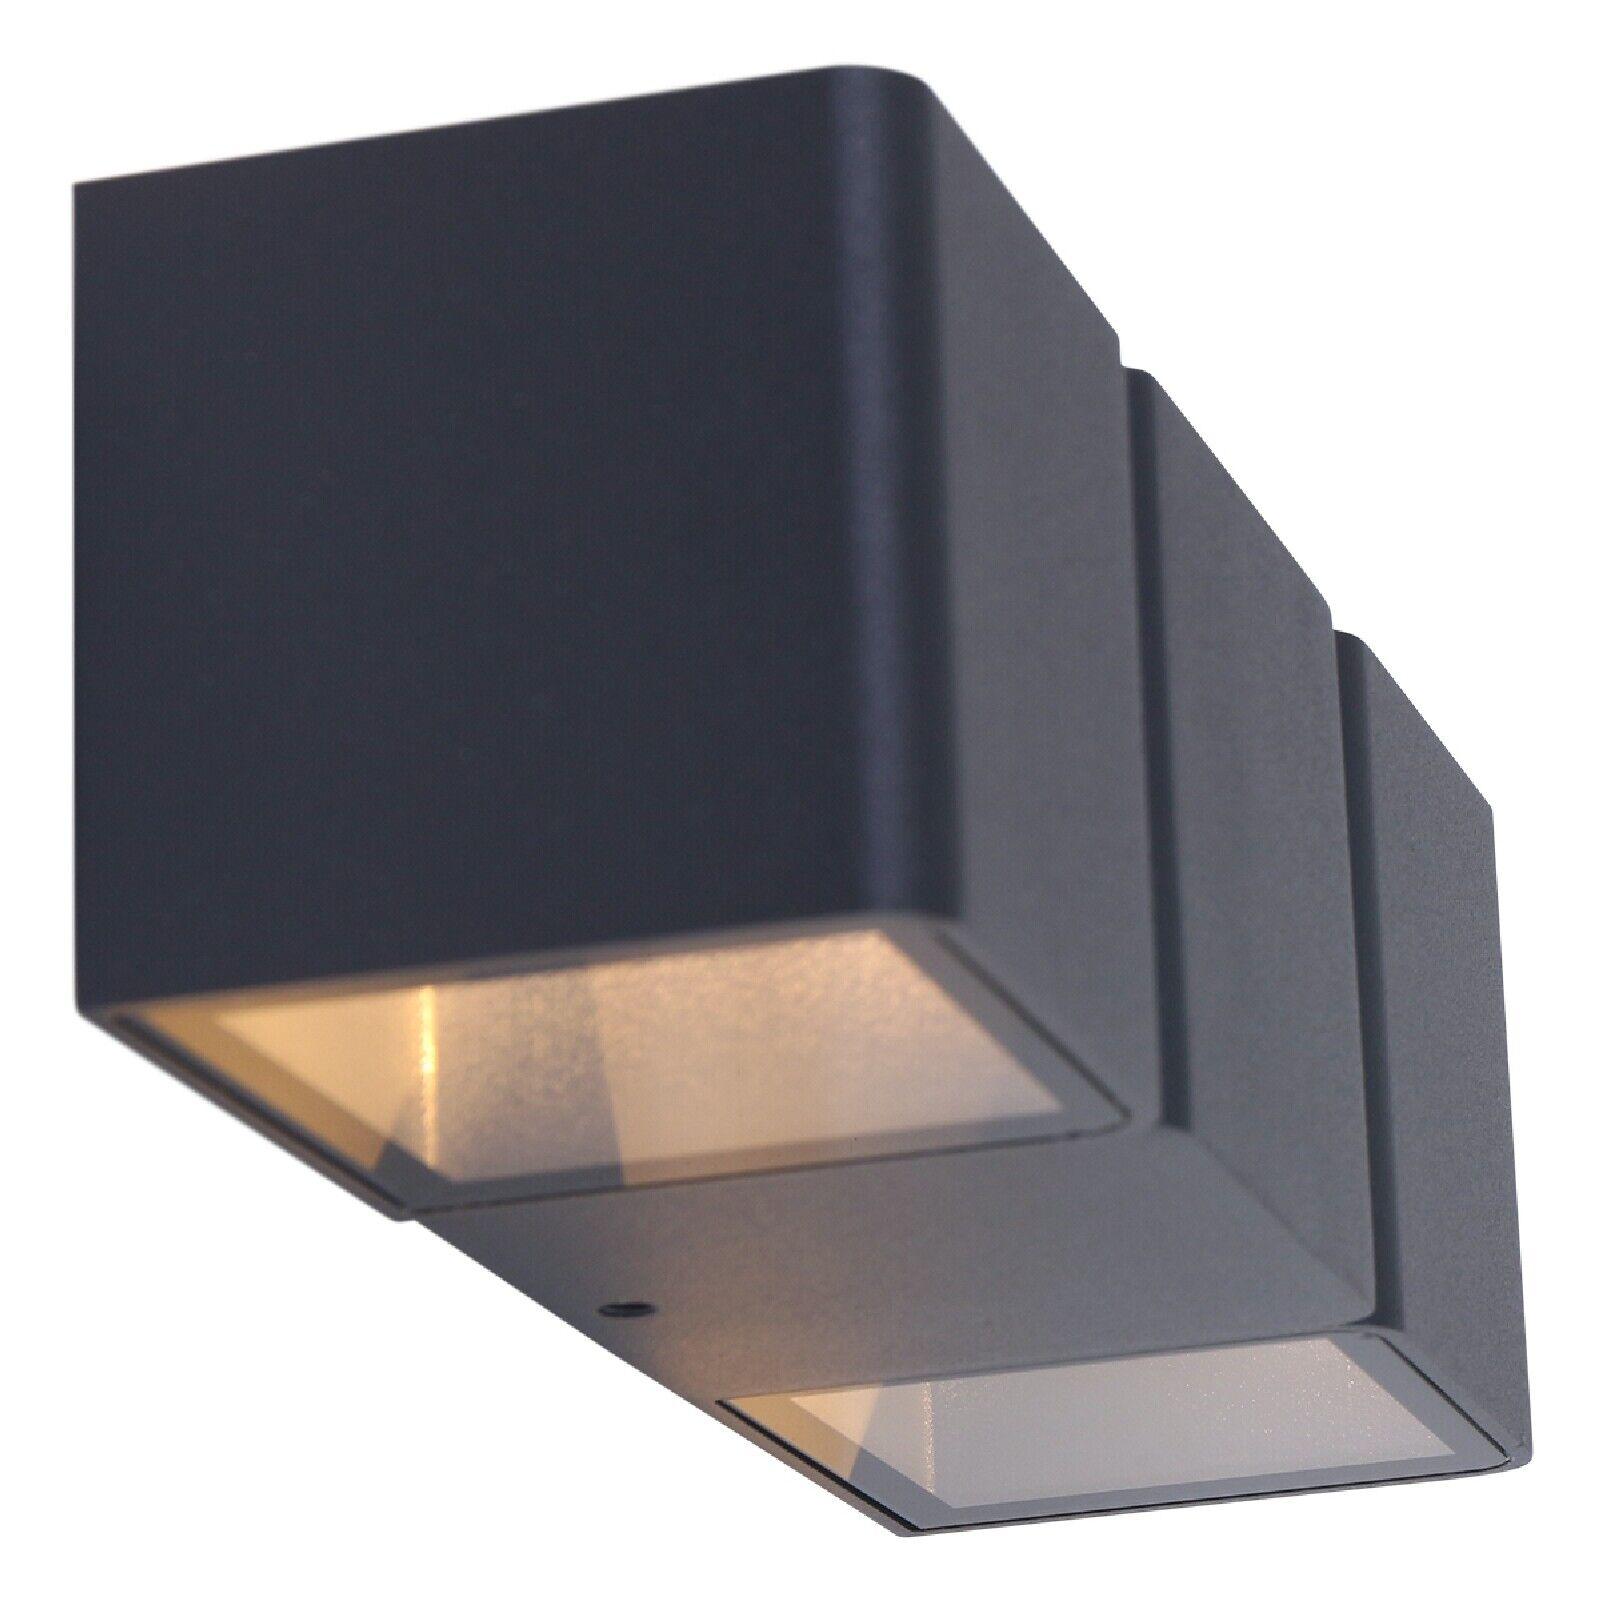 LED Außenleuchte Wandlampe Up & Down Effekt 2x 3W Schwarz IP54 Steinhauer 1501ZW